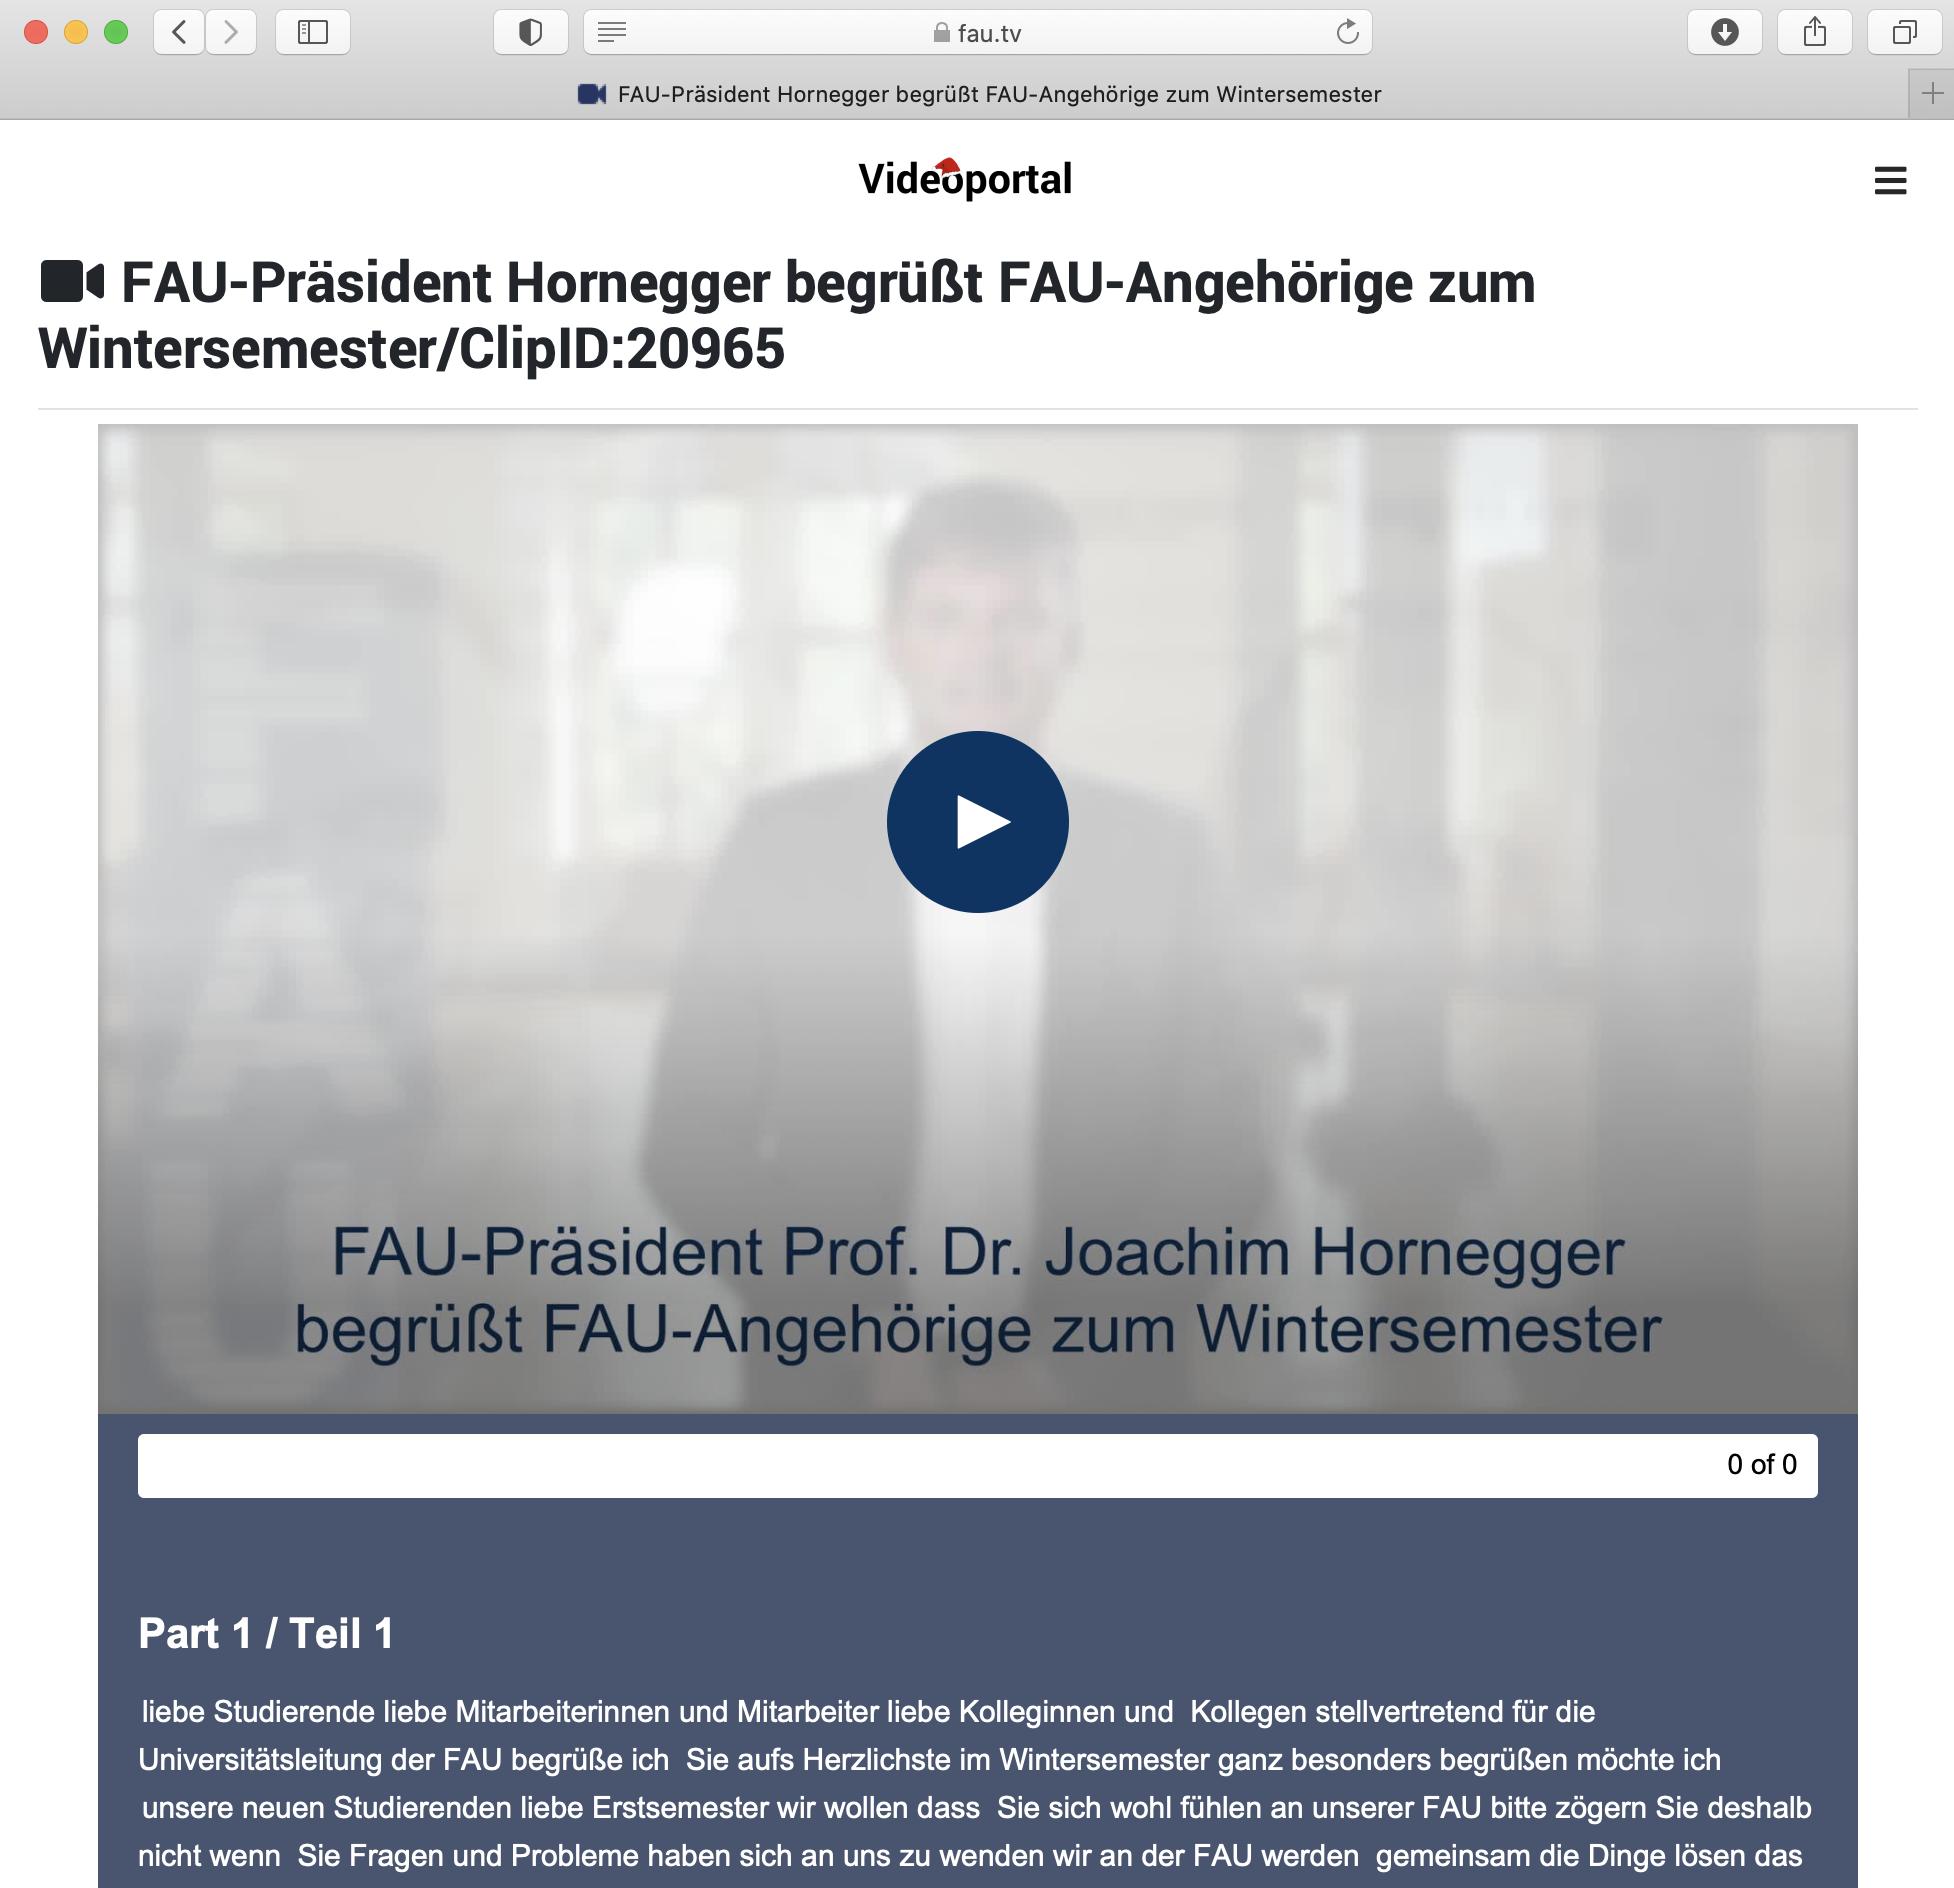 Inhalt Videoportal: Begrüßung Präsident FAU